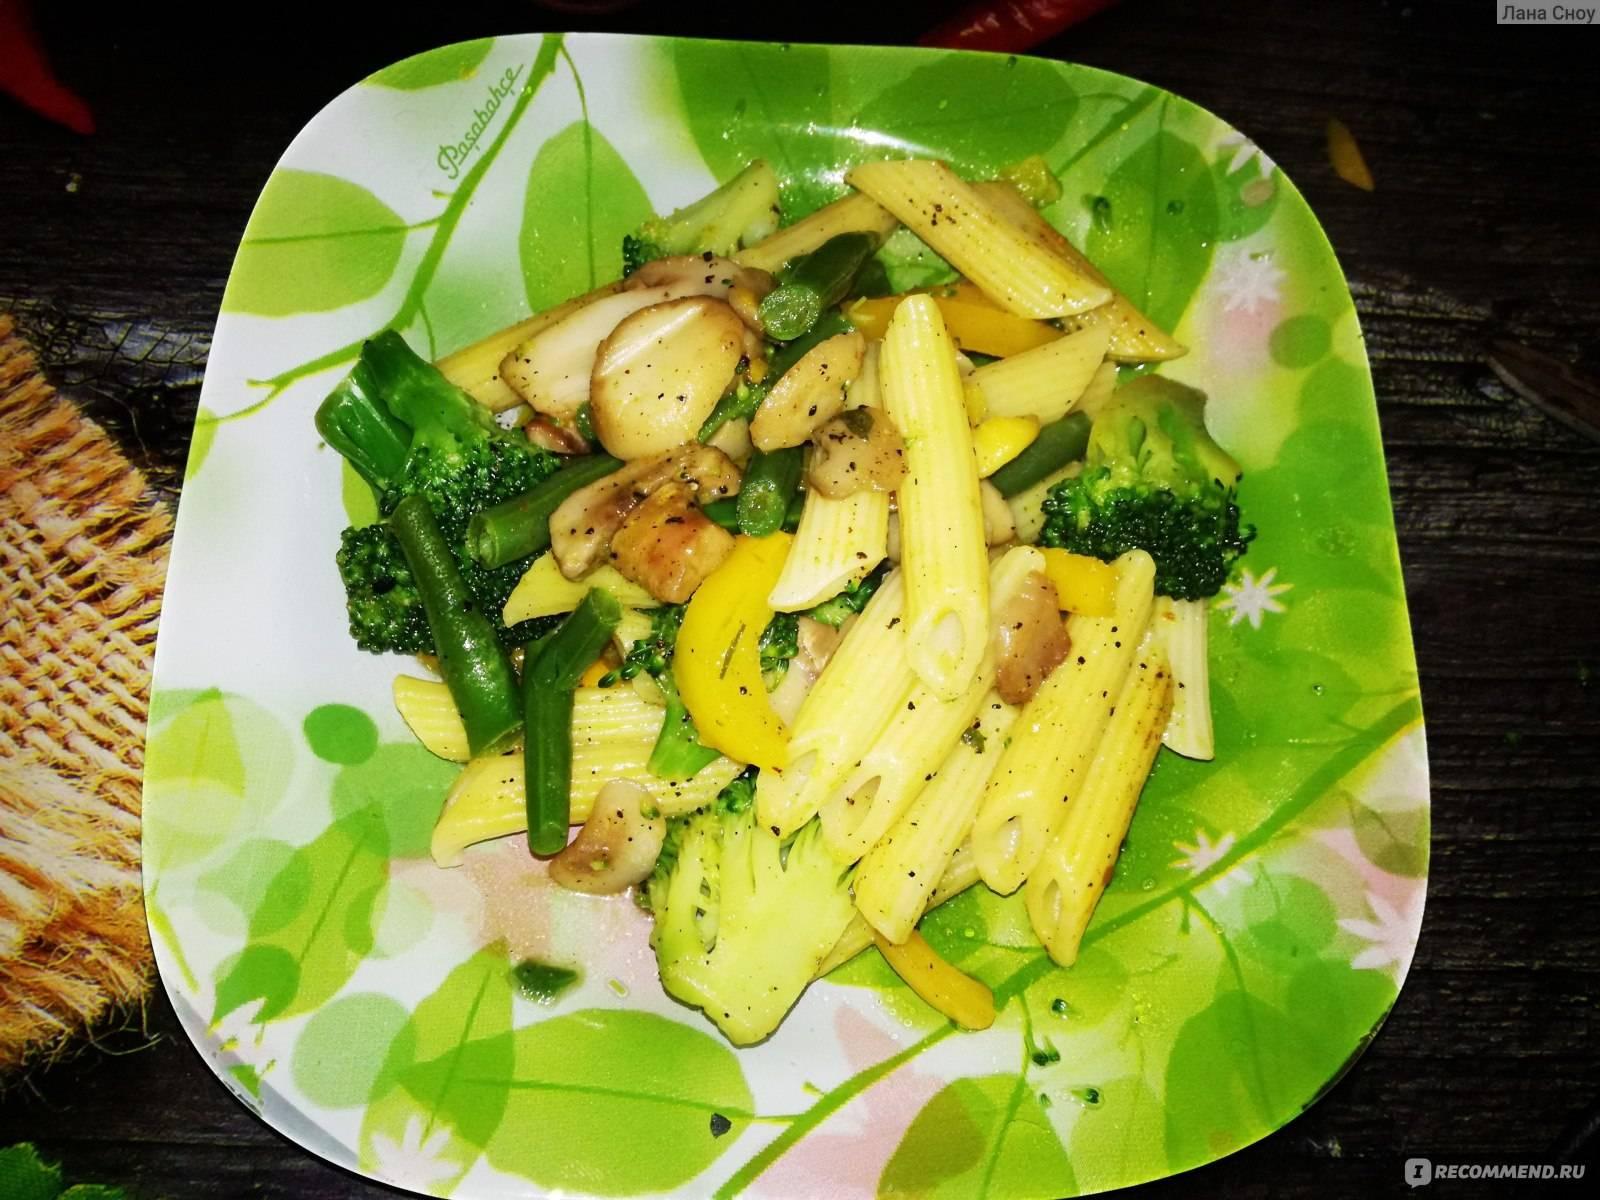 Паста Примавера — яркое весеннее блюдо